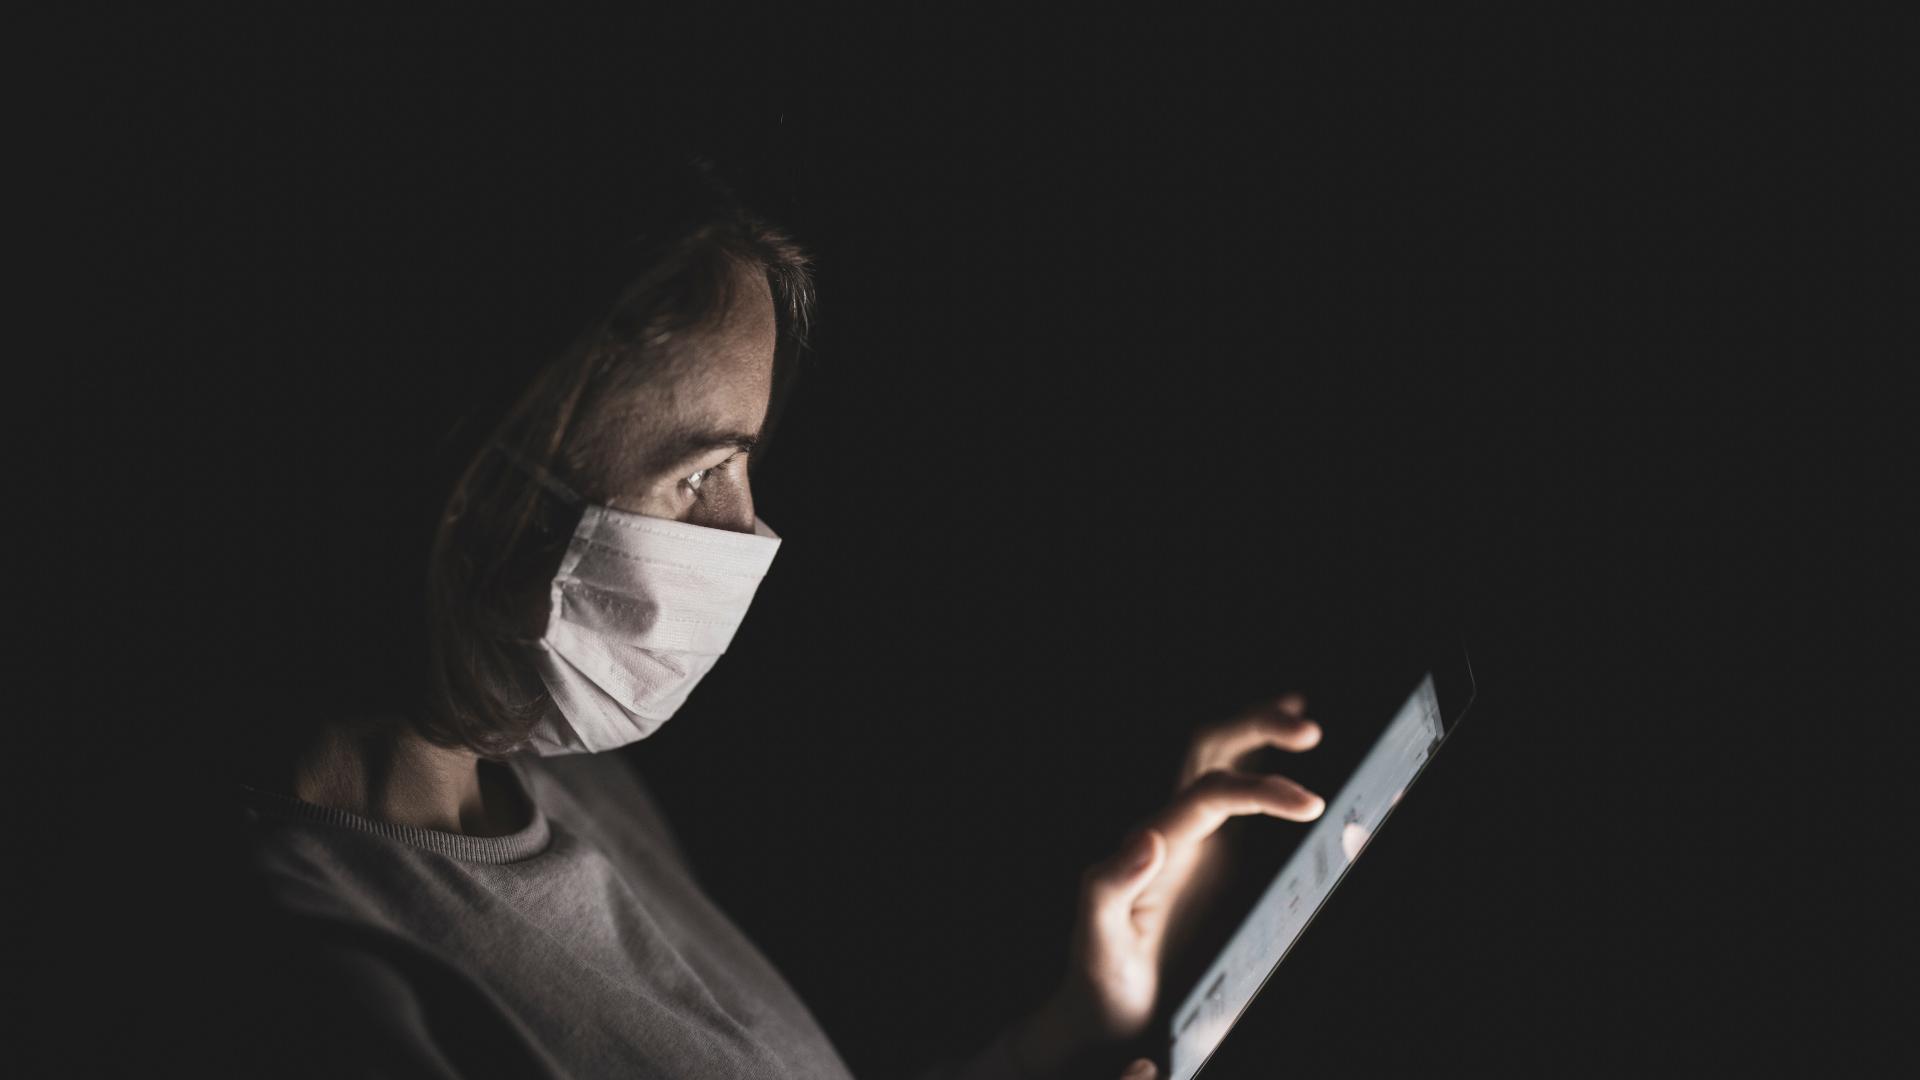 Los cristianos y la tecnología en tiempos de pandemia